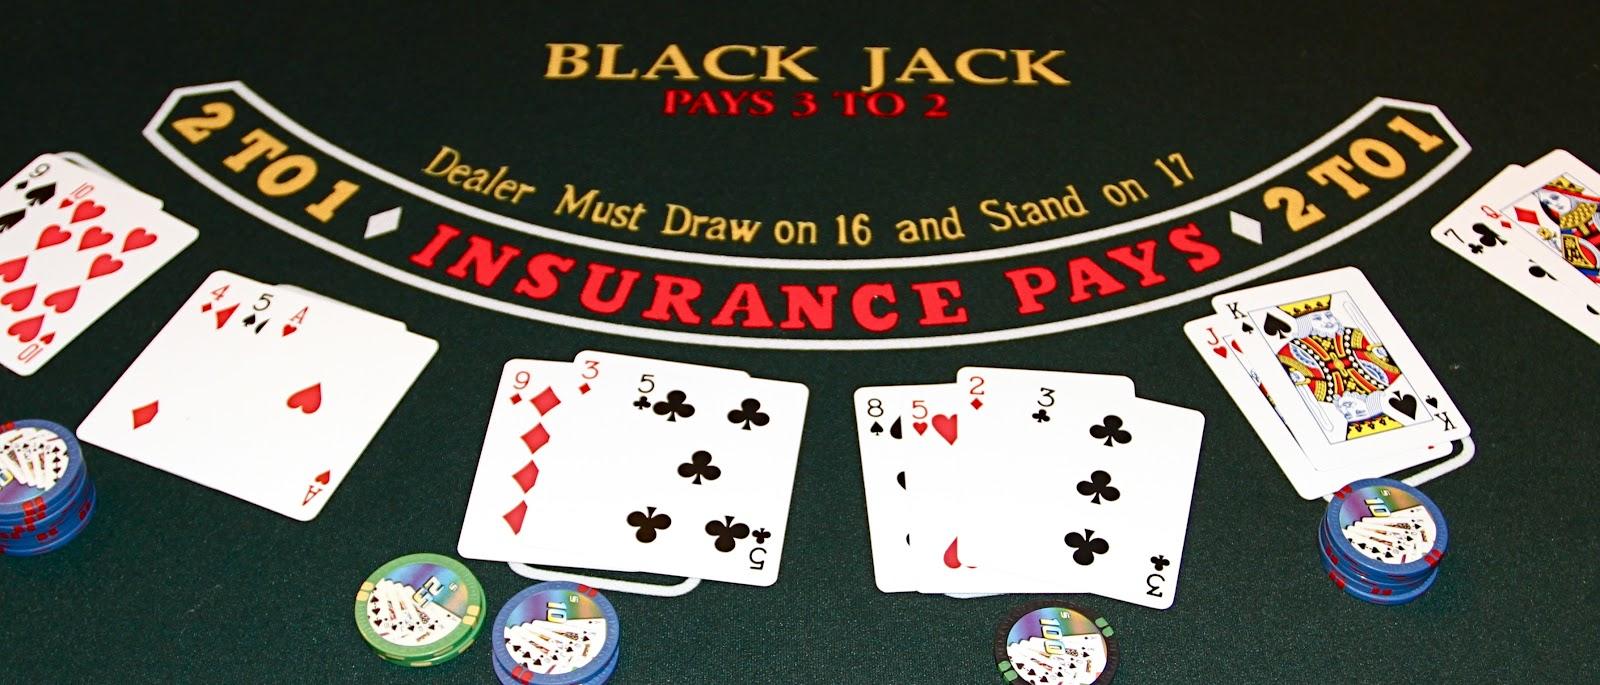 Comment ne pas perdre la main en blackjack ?